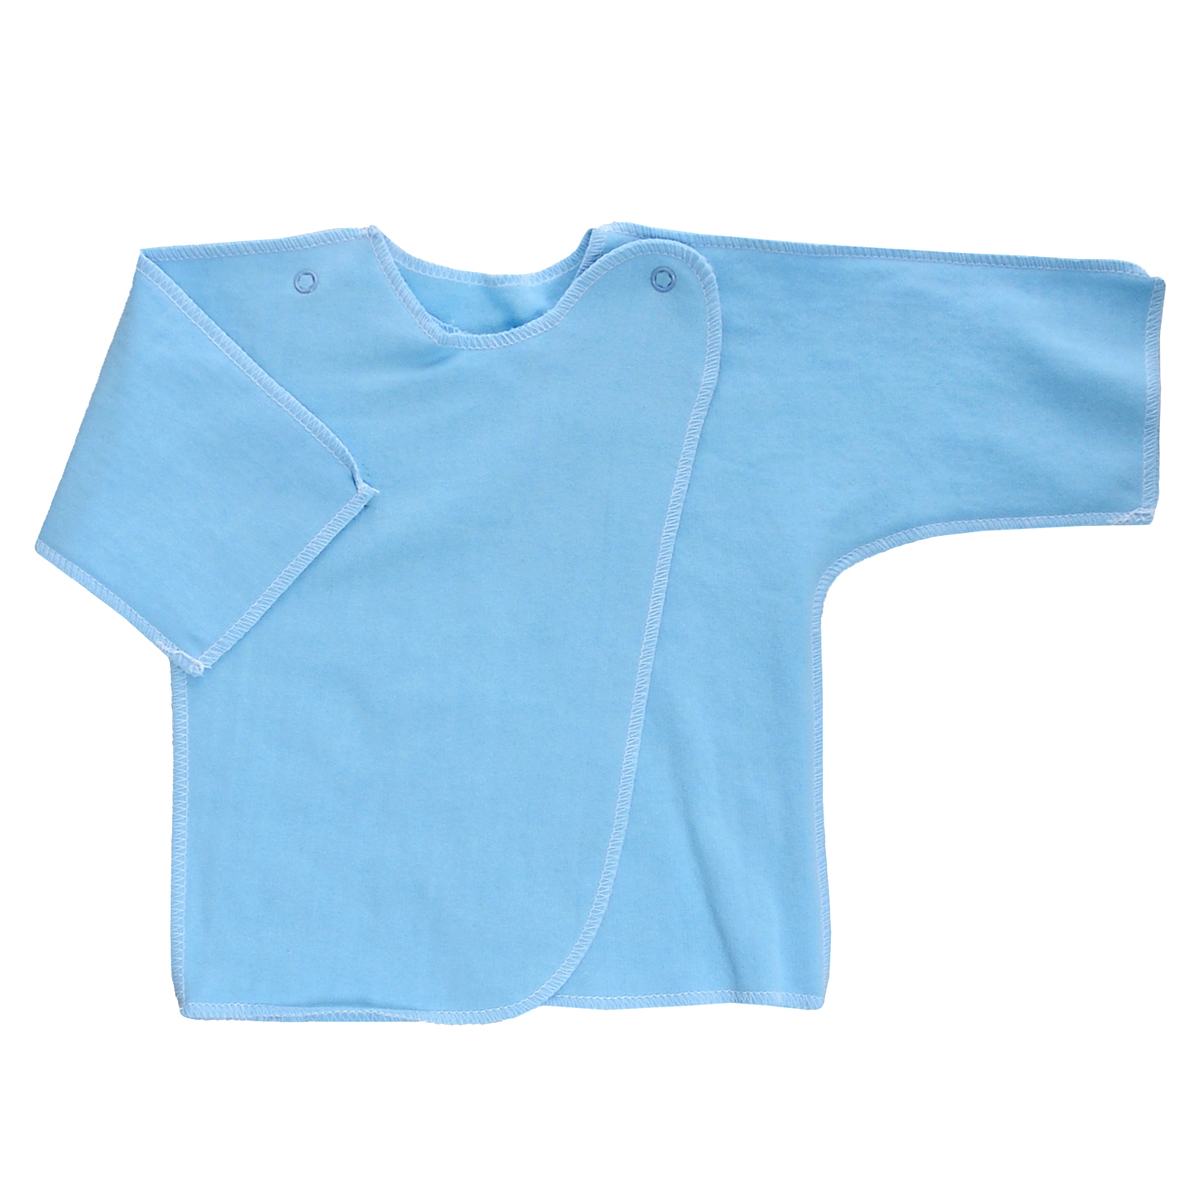 Распашонка Трон-Плюс, цвет: голубой. 5022. Размер 62, 3 месяца5022Распашонка Трон-плюс послужит идеальным дополнением к гардеробу младенца. Распашонка с рукавами-кимоно, выполненная швами наружу, изготовлена из футера - натурального хлопка, благодаря чему она необычайно мягкая и легкая, не раздражает нежную кожу ребенка и хорошо вентилируется, а эластичные швы приятны телу малыша и не препятствуют его движениям. Распашонка с запахом, застегивается при помощи двух кнопок на плечах, которые позволяют без труда переодеть ребенка. Распашонка полностью соответствует особенностям жизни ребенка в ранний период, не стесняя и не ограничивая его в движениях.